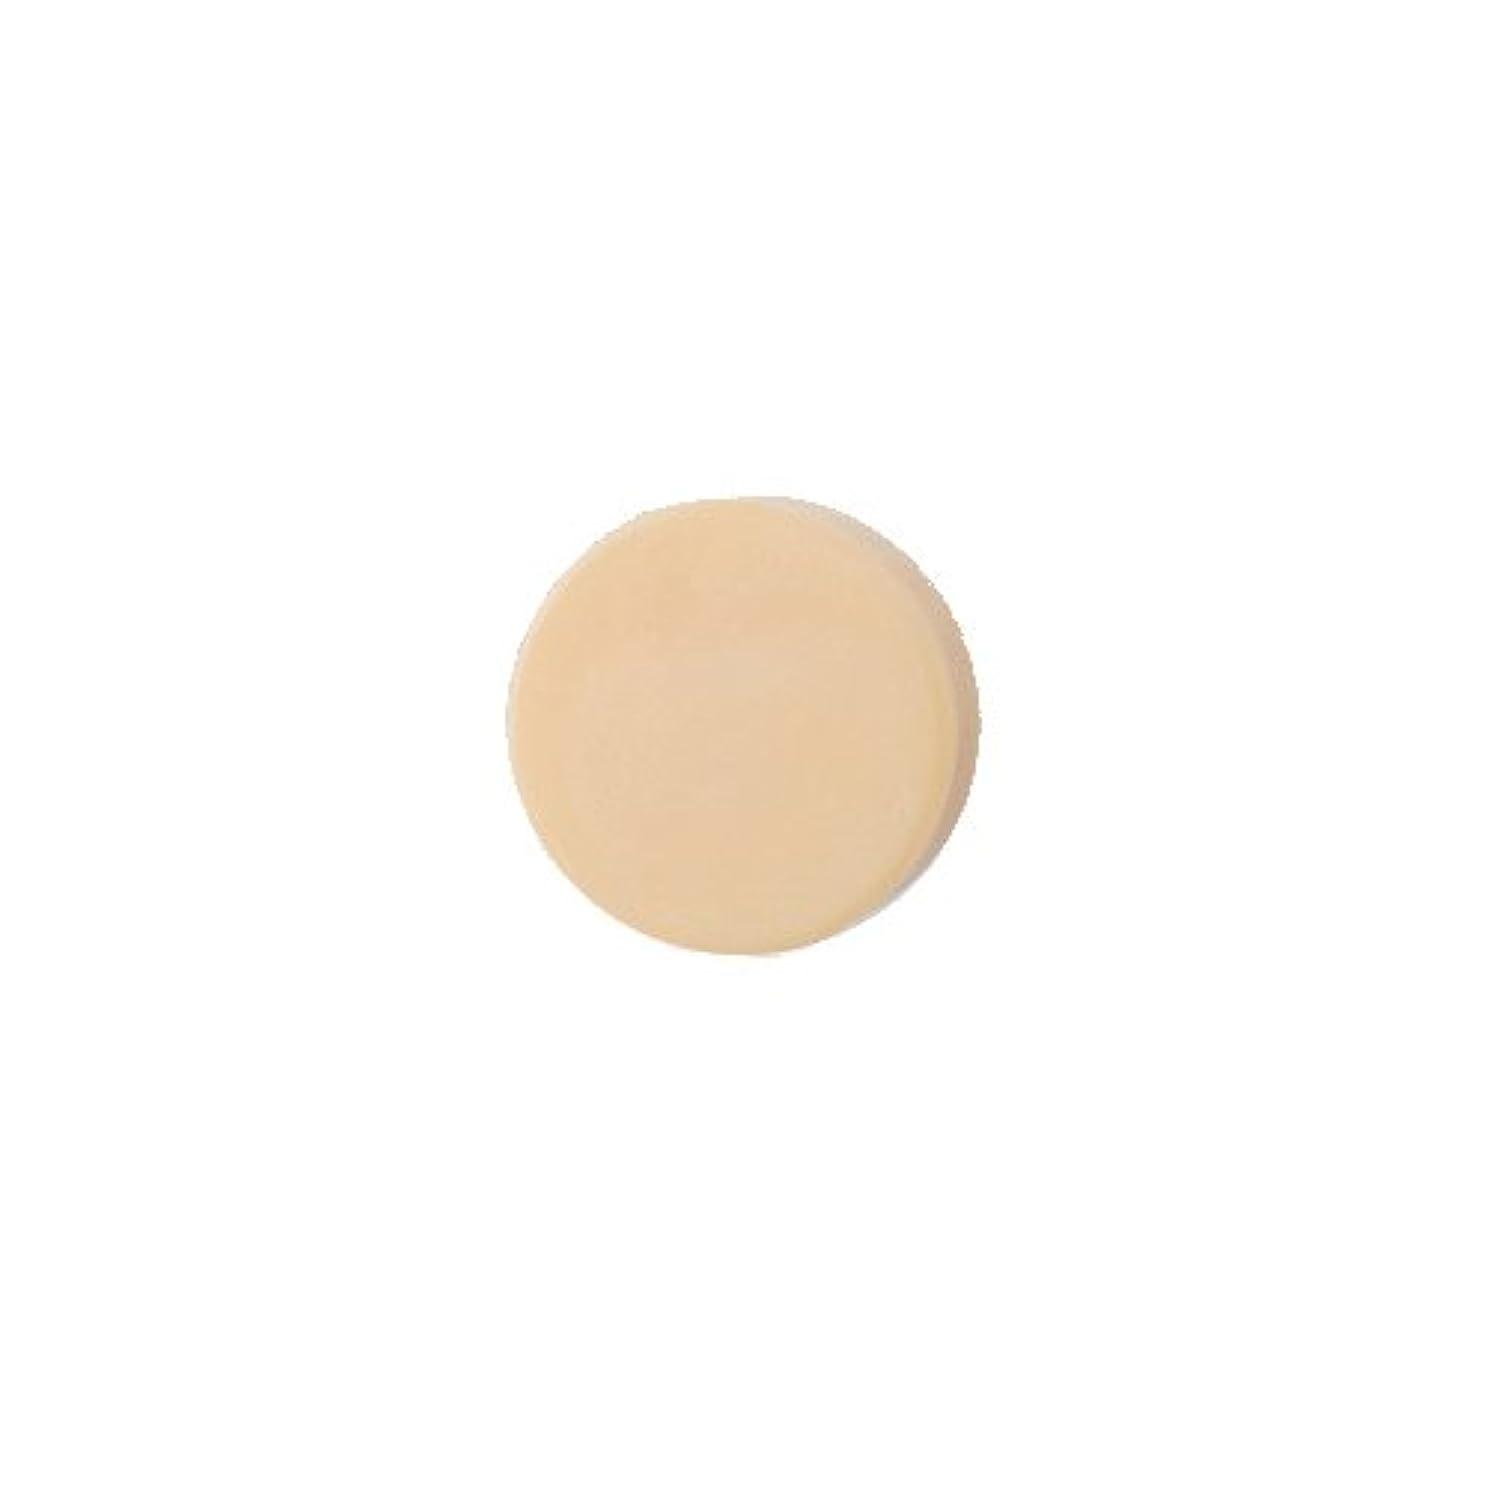 寺院プロテスタント仕出しますこだわりコールド製法の無添加でオーガニックな洗顔石鹸 マザーウッド&シルクソープ 75g